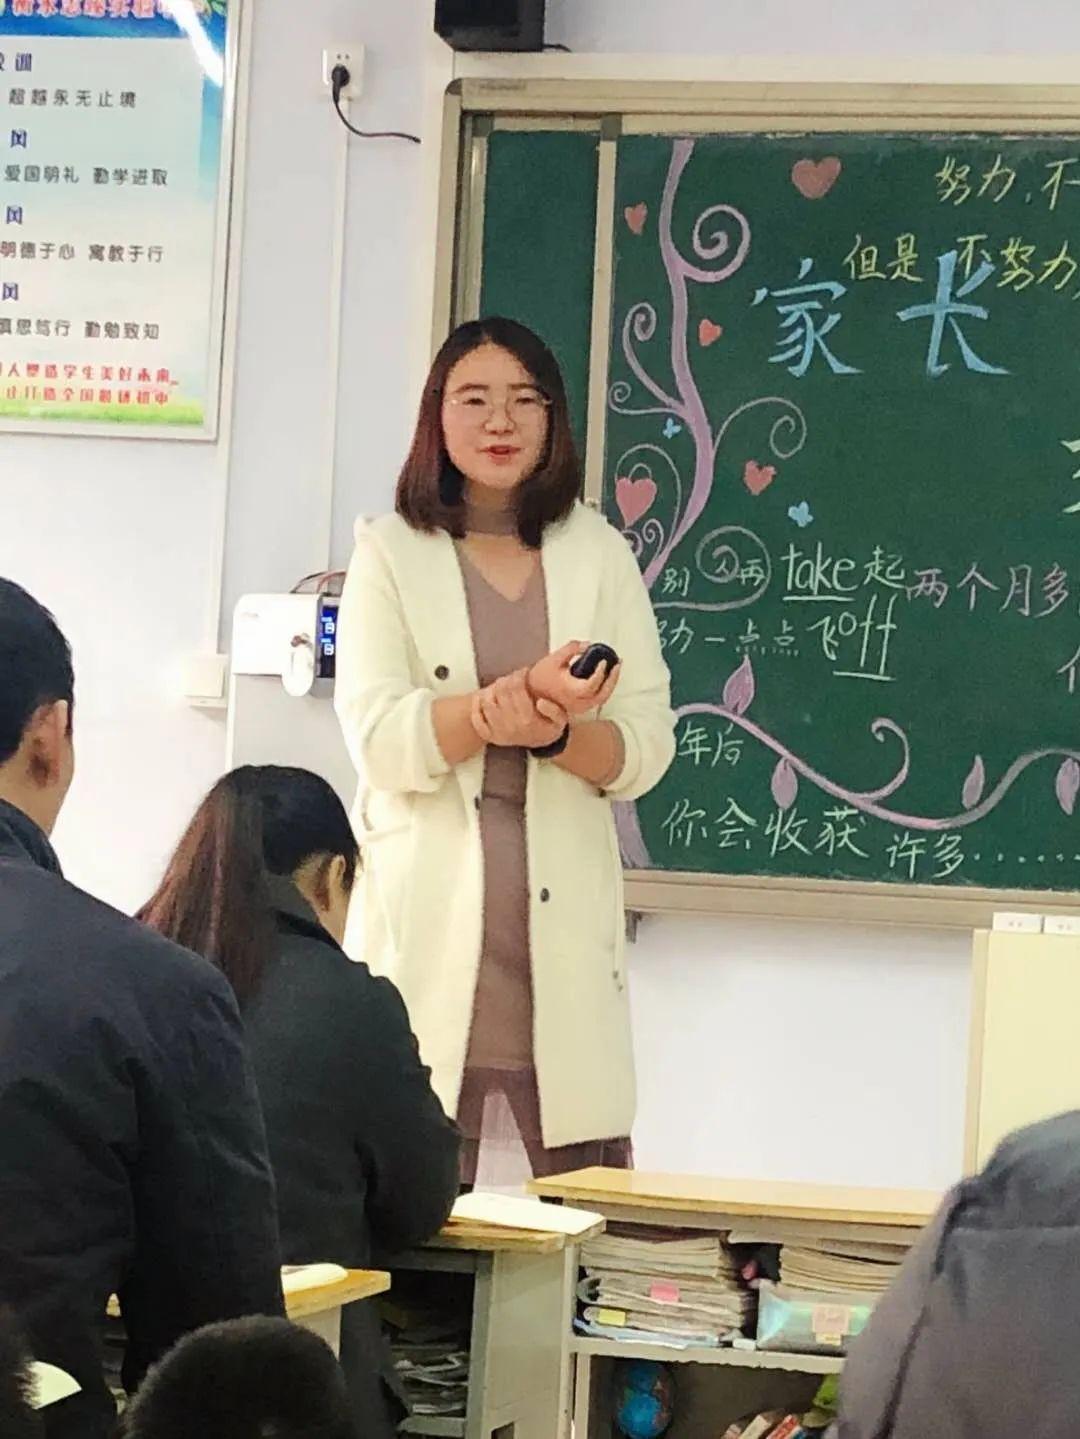 衡水志臻中学初一年级班主任寄语9827 作者: 来源: 发布时间:2020-3-21 14:52